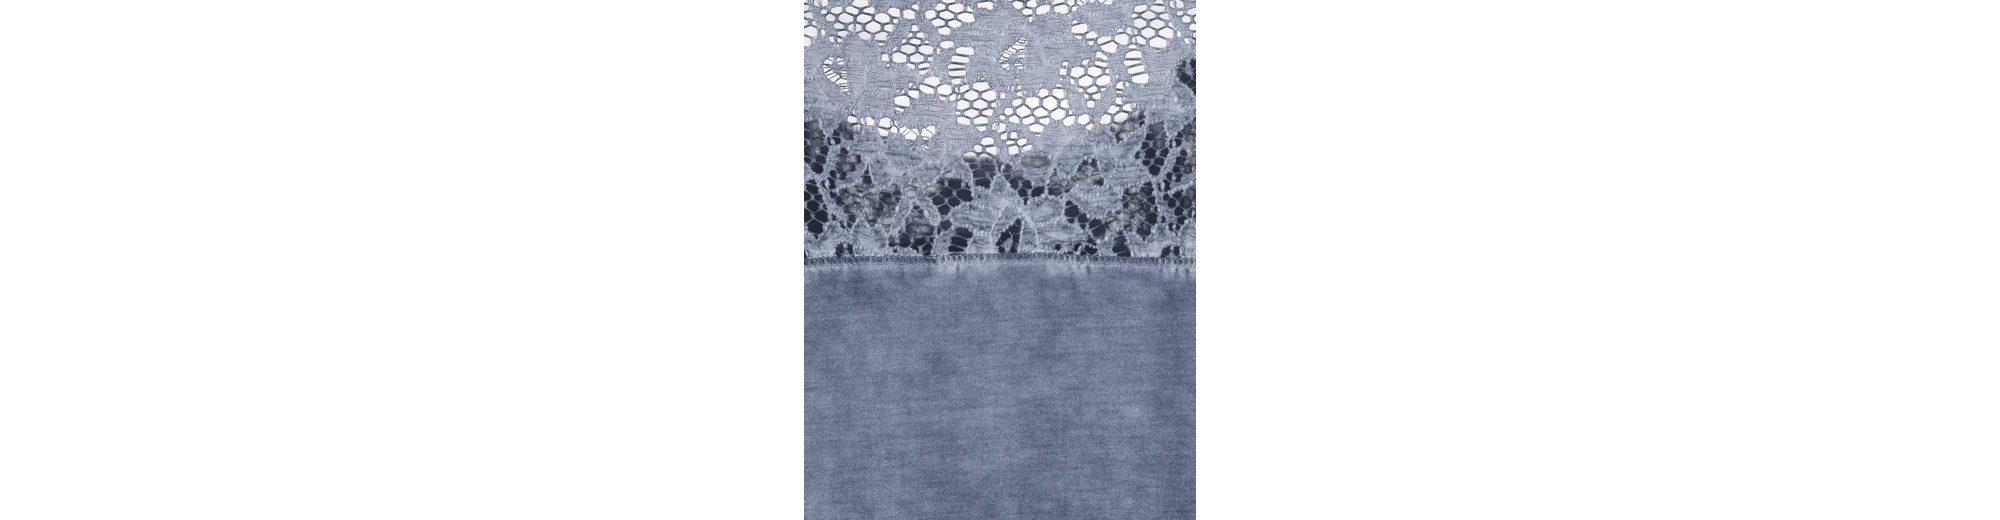 Spitzenapplikation Mona Shirt Shirt Mona mit mit wzXzUTxq